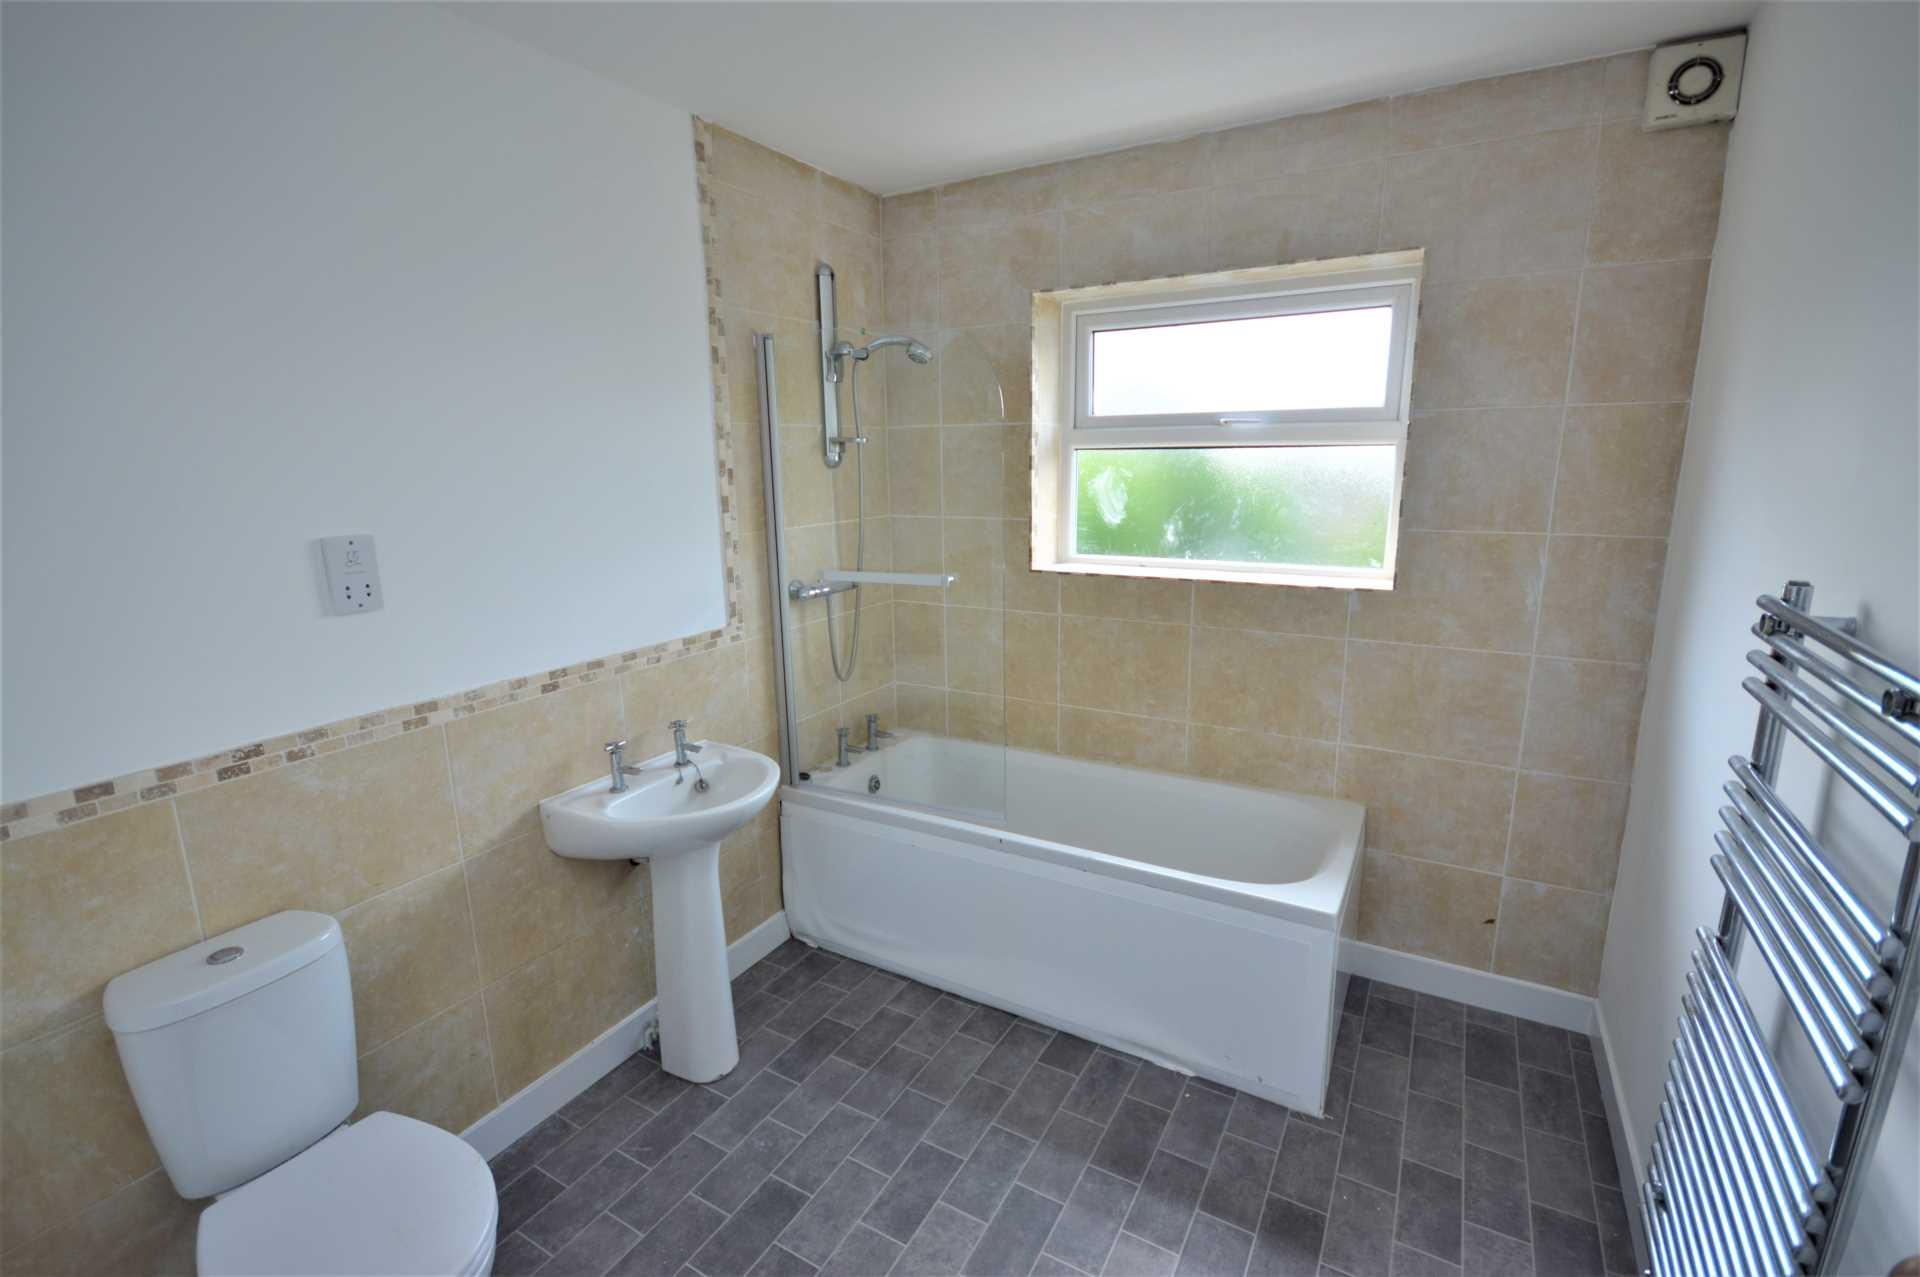 Ack Lane East, Bramhall, Image 9